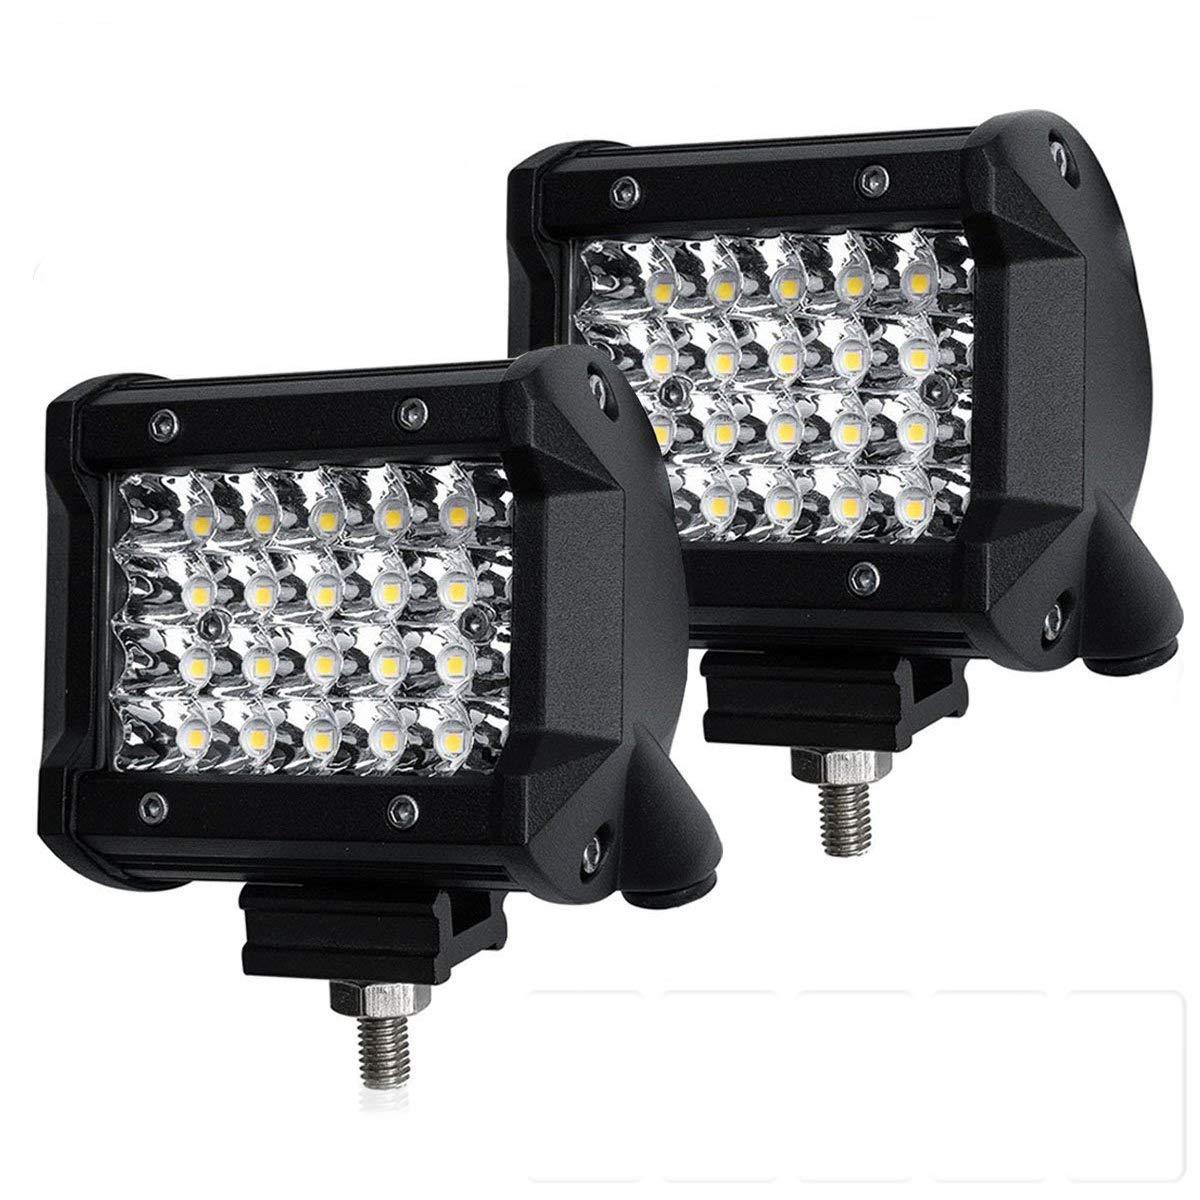 Jiehe 4.5 27 W 6000 K-6500 K luz dí a LED 1150 lm Guí a La lá mpara de la niebla